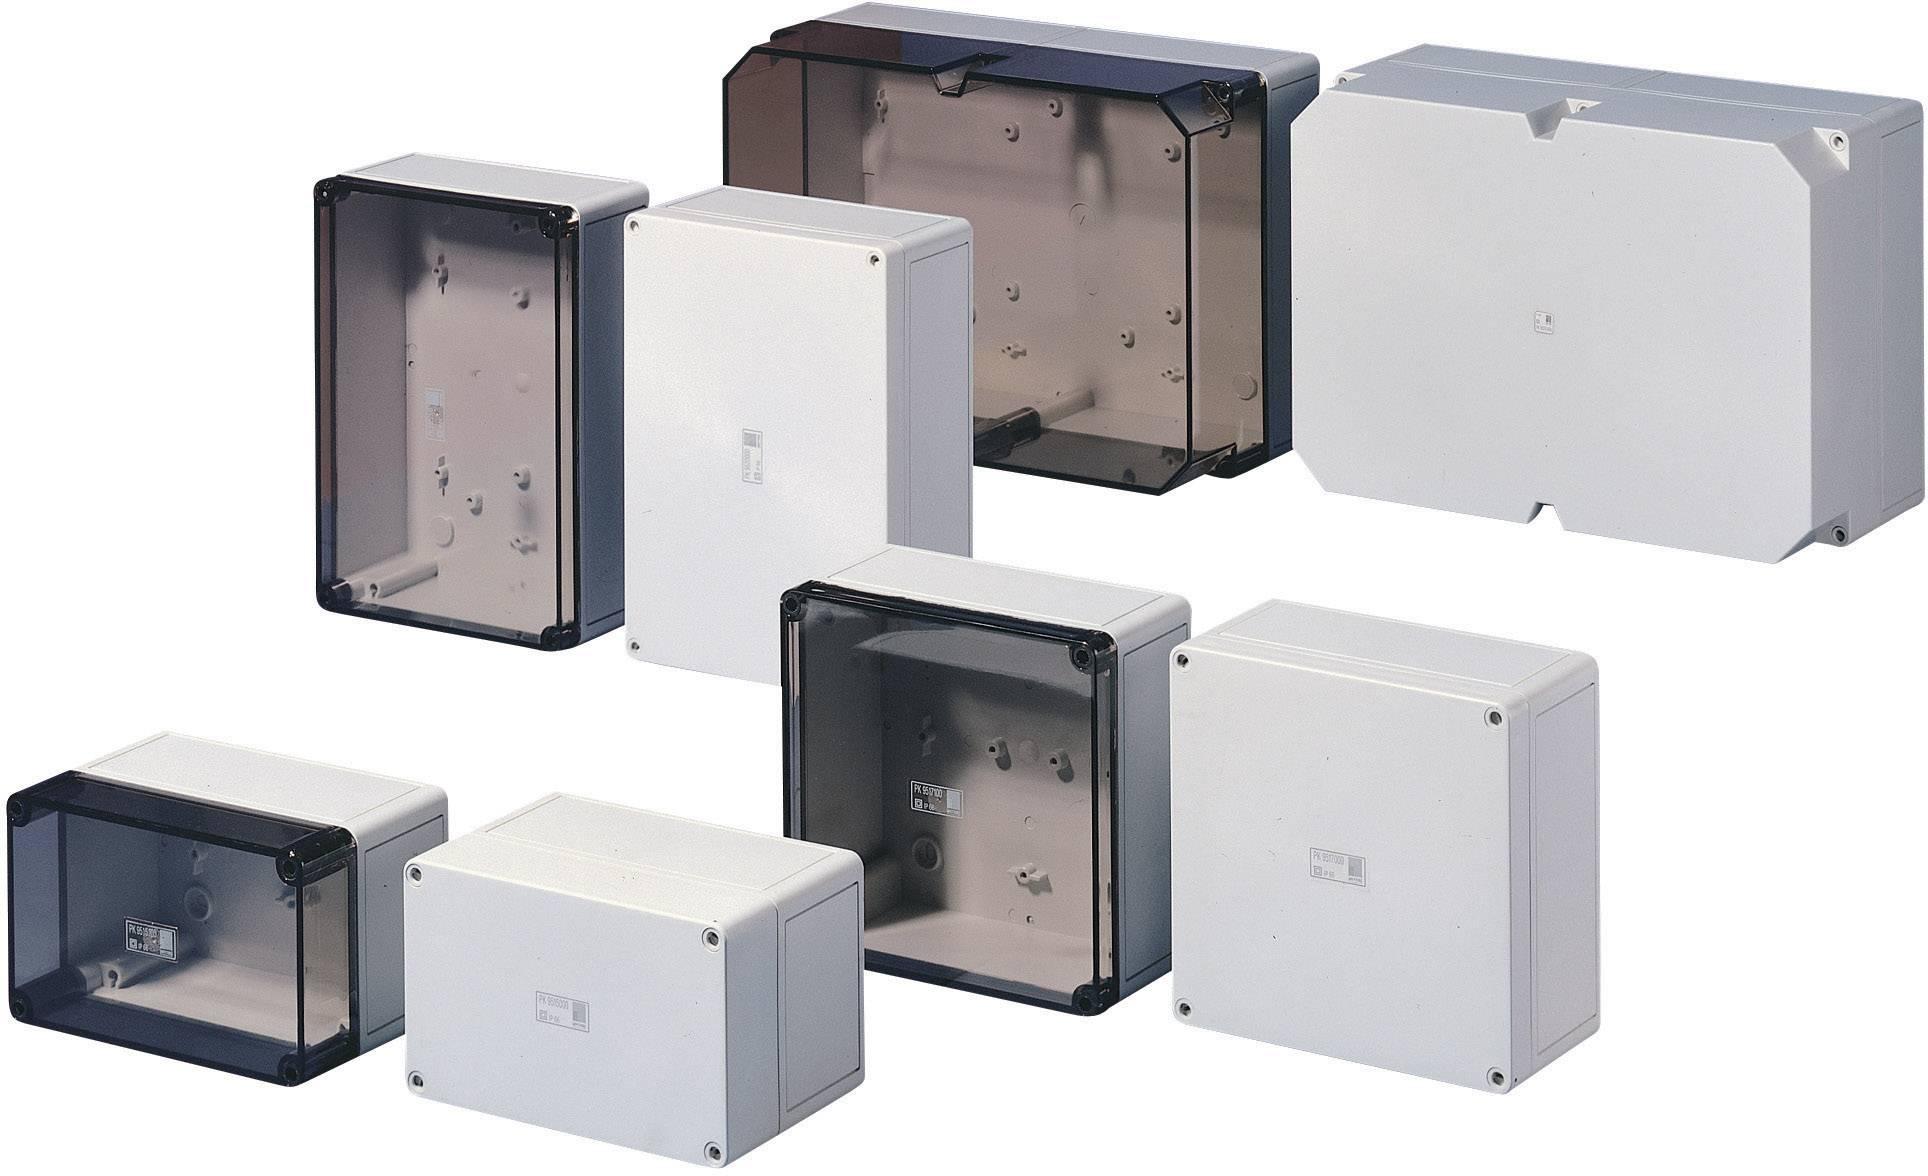 Inštalačná krabička Rittal PK 9504.000 9504.000, (š x v x h) 94 x 94 x 57 mm, polykarbonát, svetlo sivá (RAL 7035), 1 ks